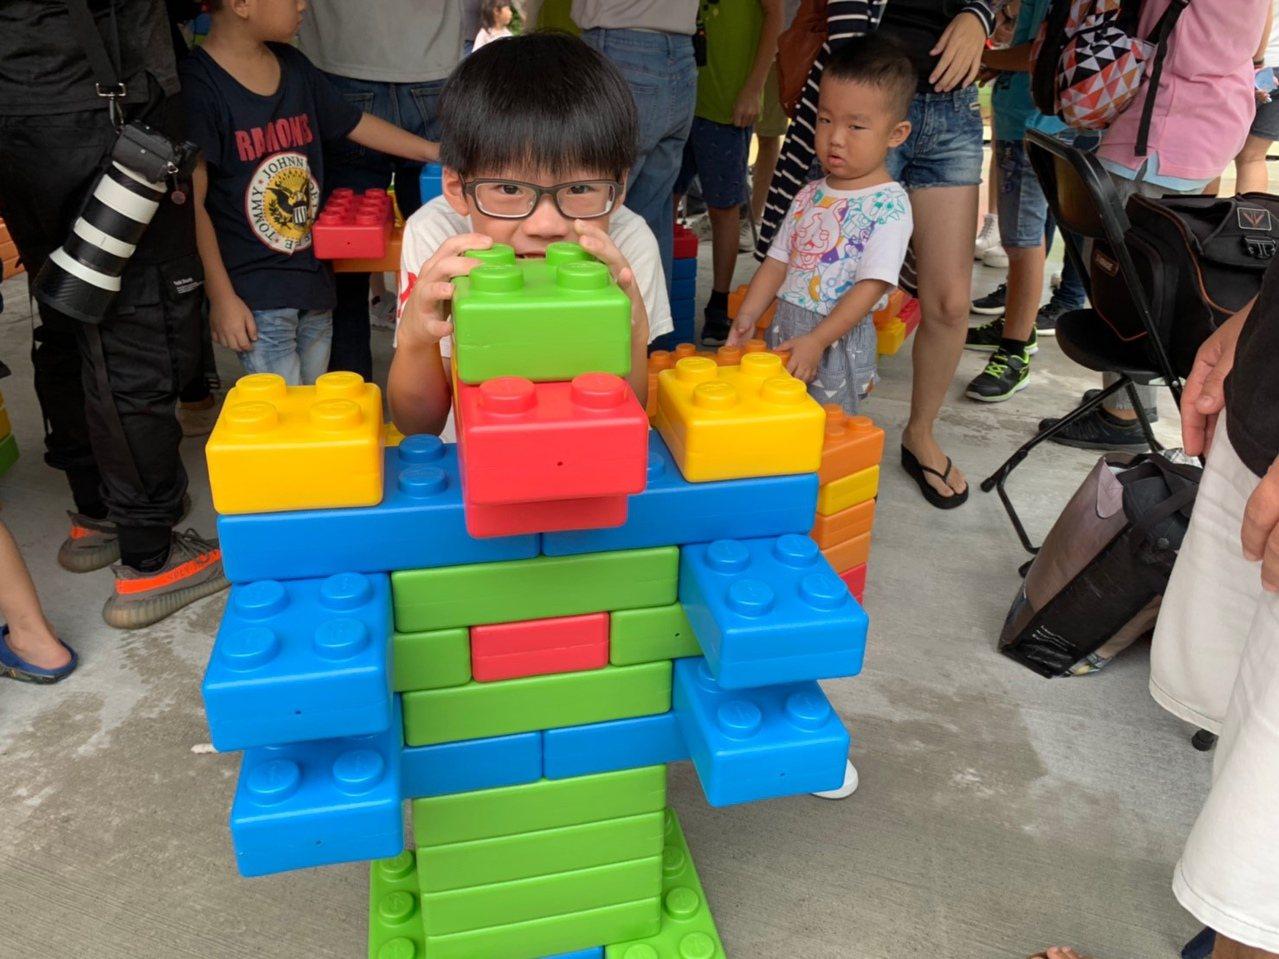 台中大安濱海樂園露營區,今天舉辦闖關活動。圖/台中市觀光旅遊局提供